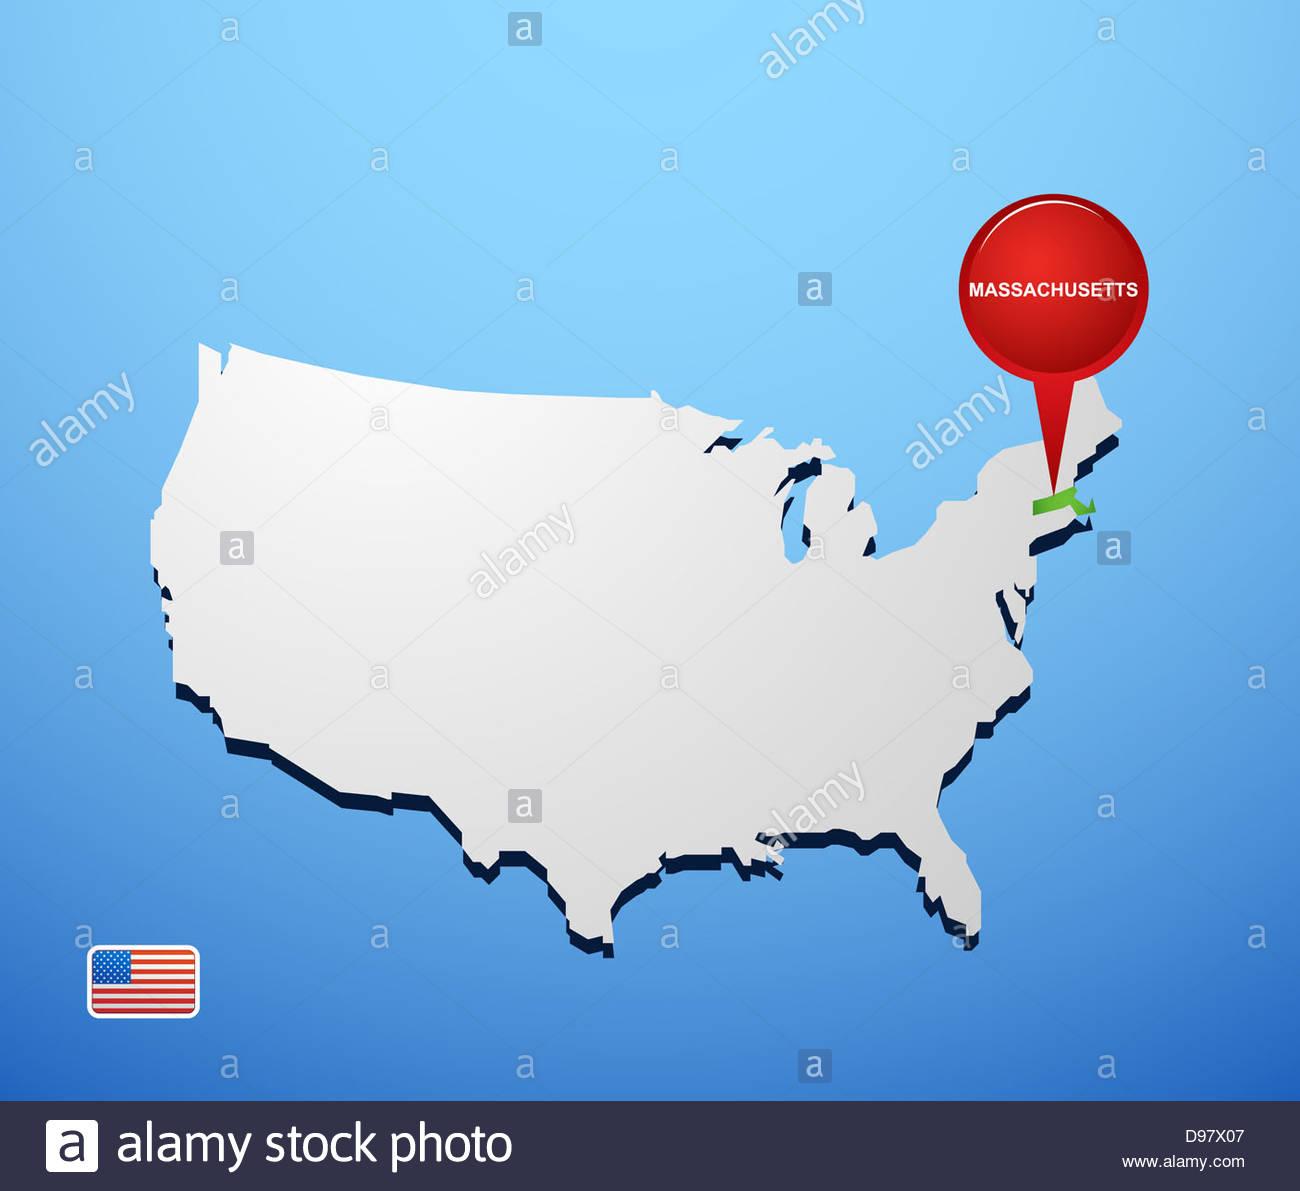 machusetts on usa map